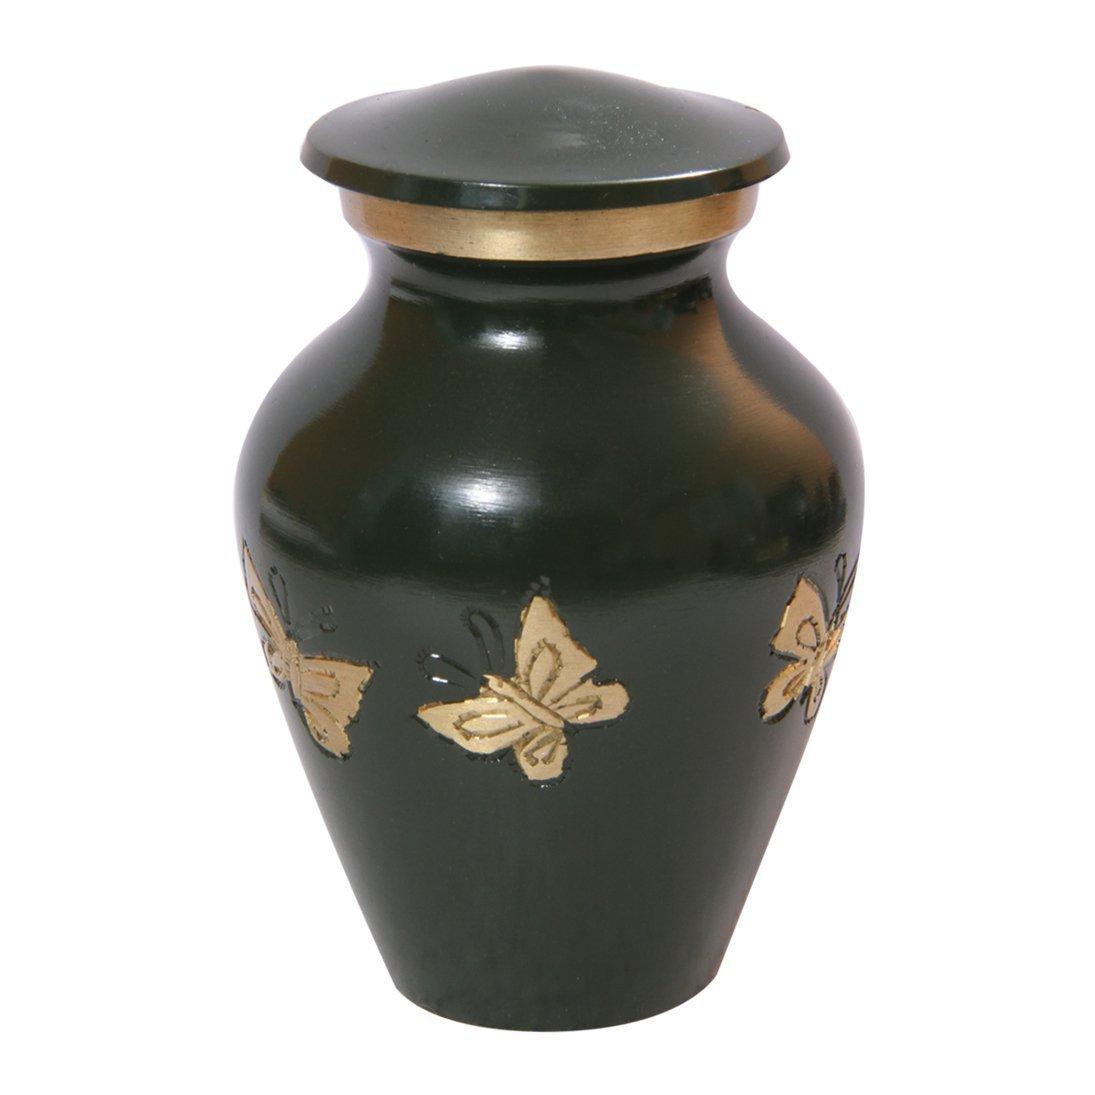 Mini Tribute Butterflies Green Keepsake Funeral Urn, Brass Memorial Urns Ashes